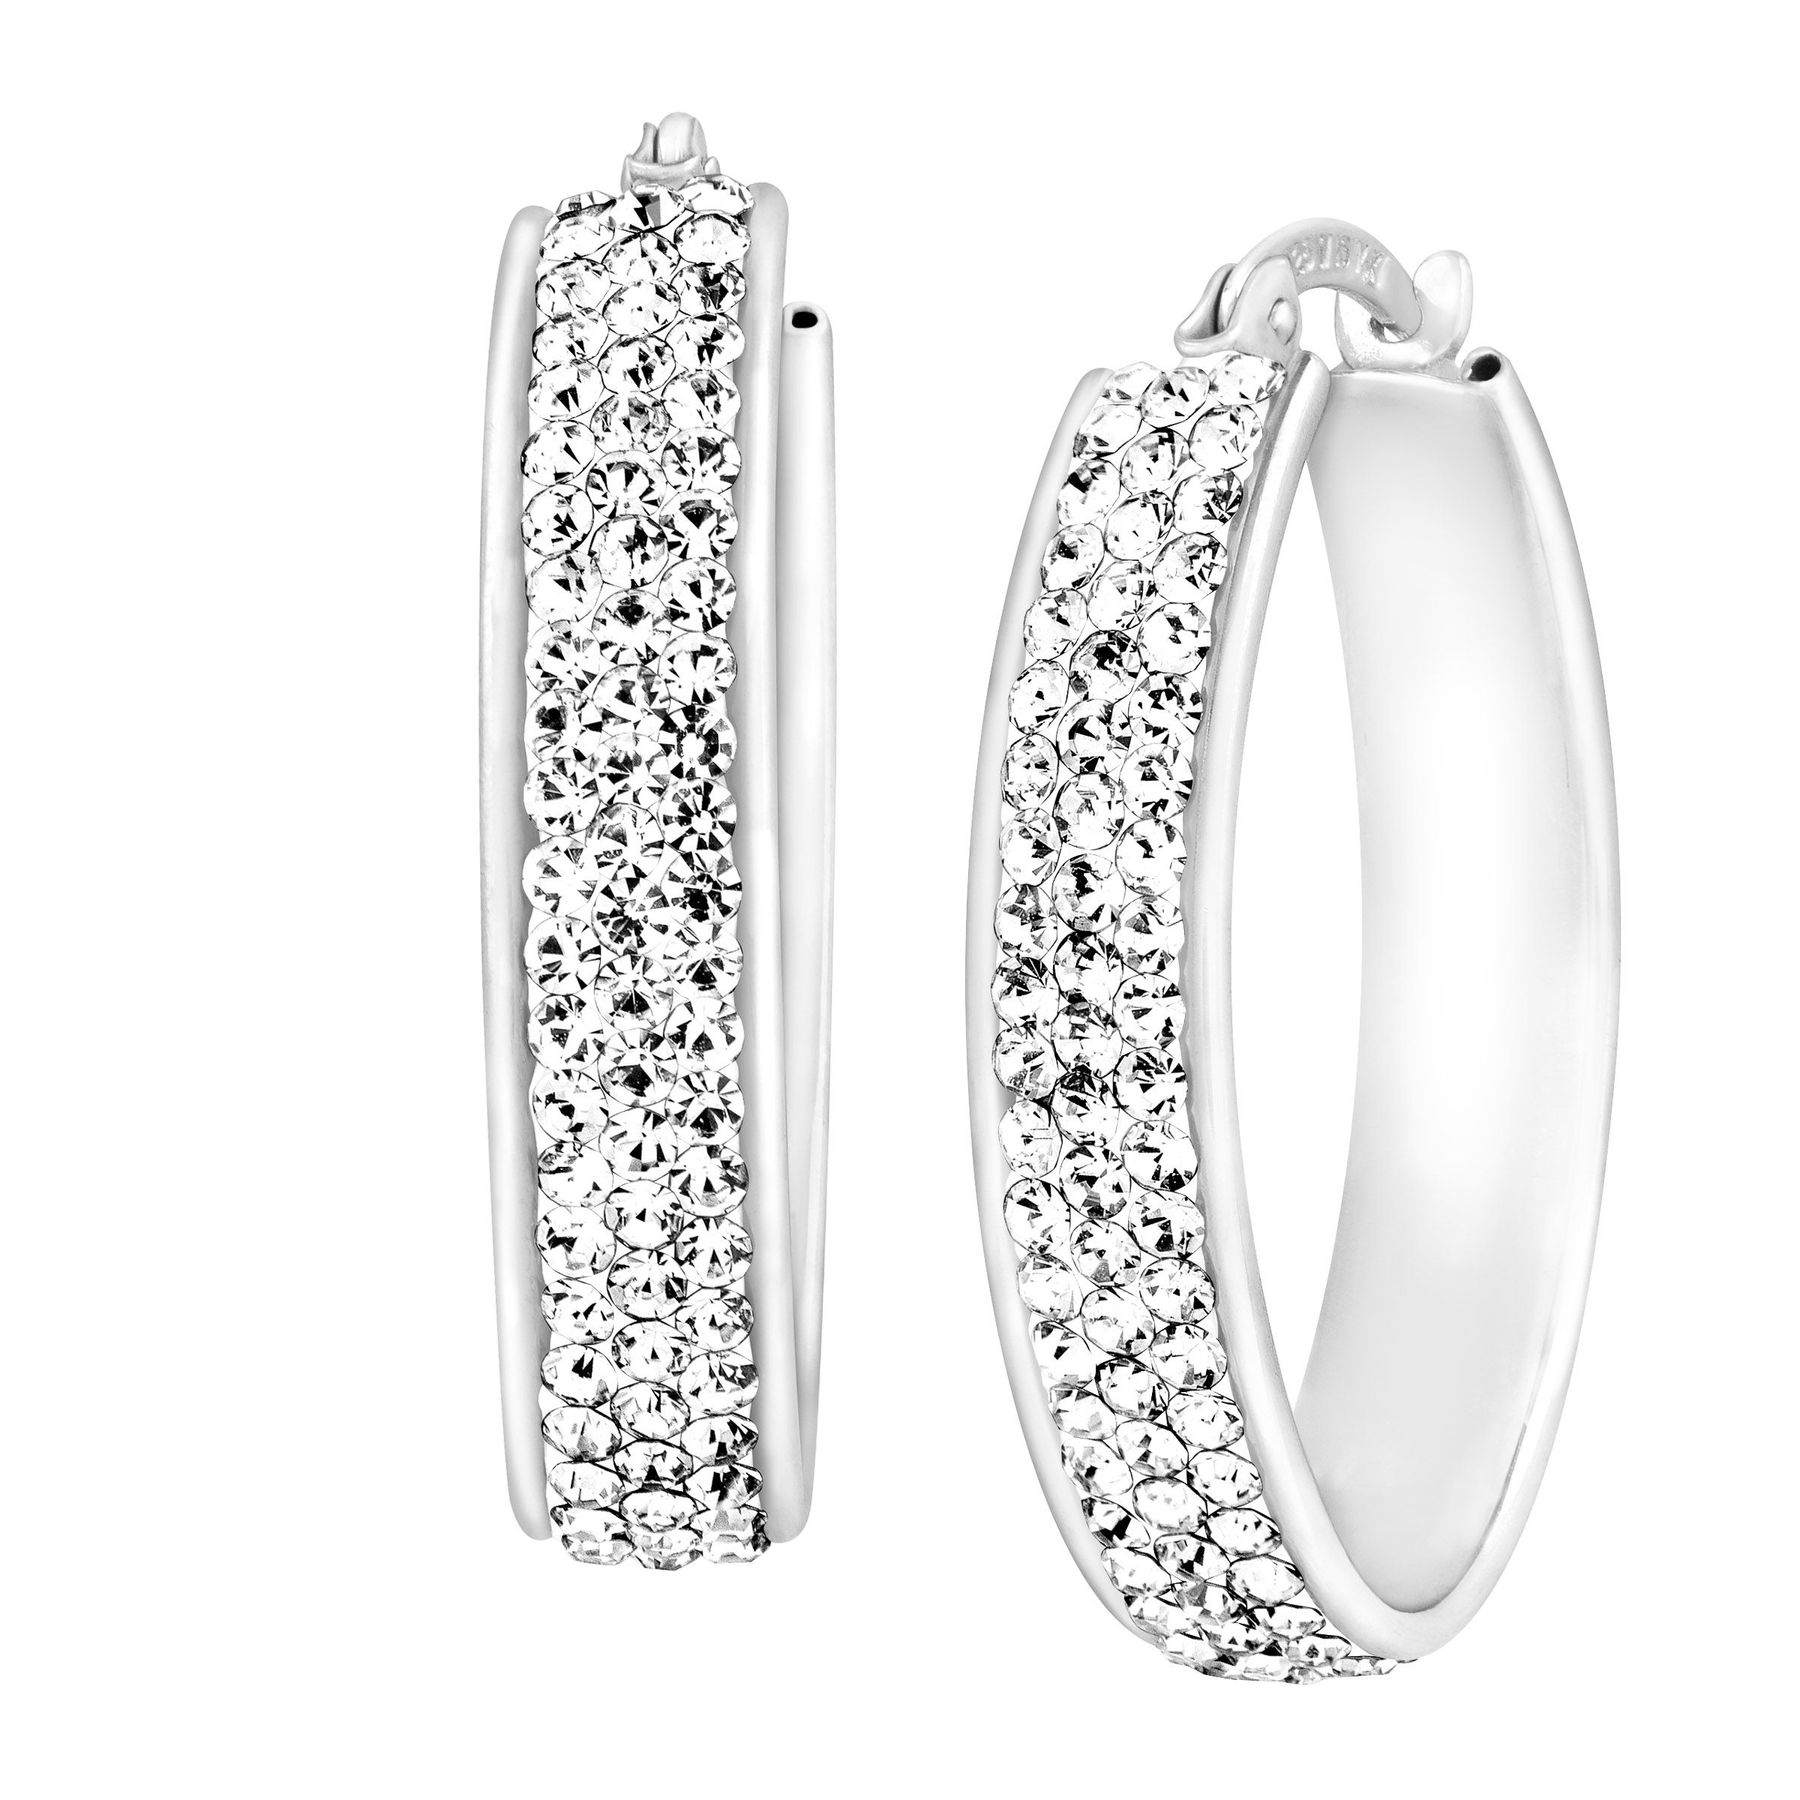 Oval Hoop Earrings With Swarovski Crystals